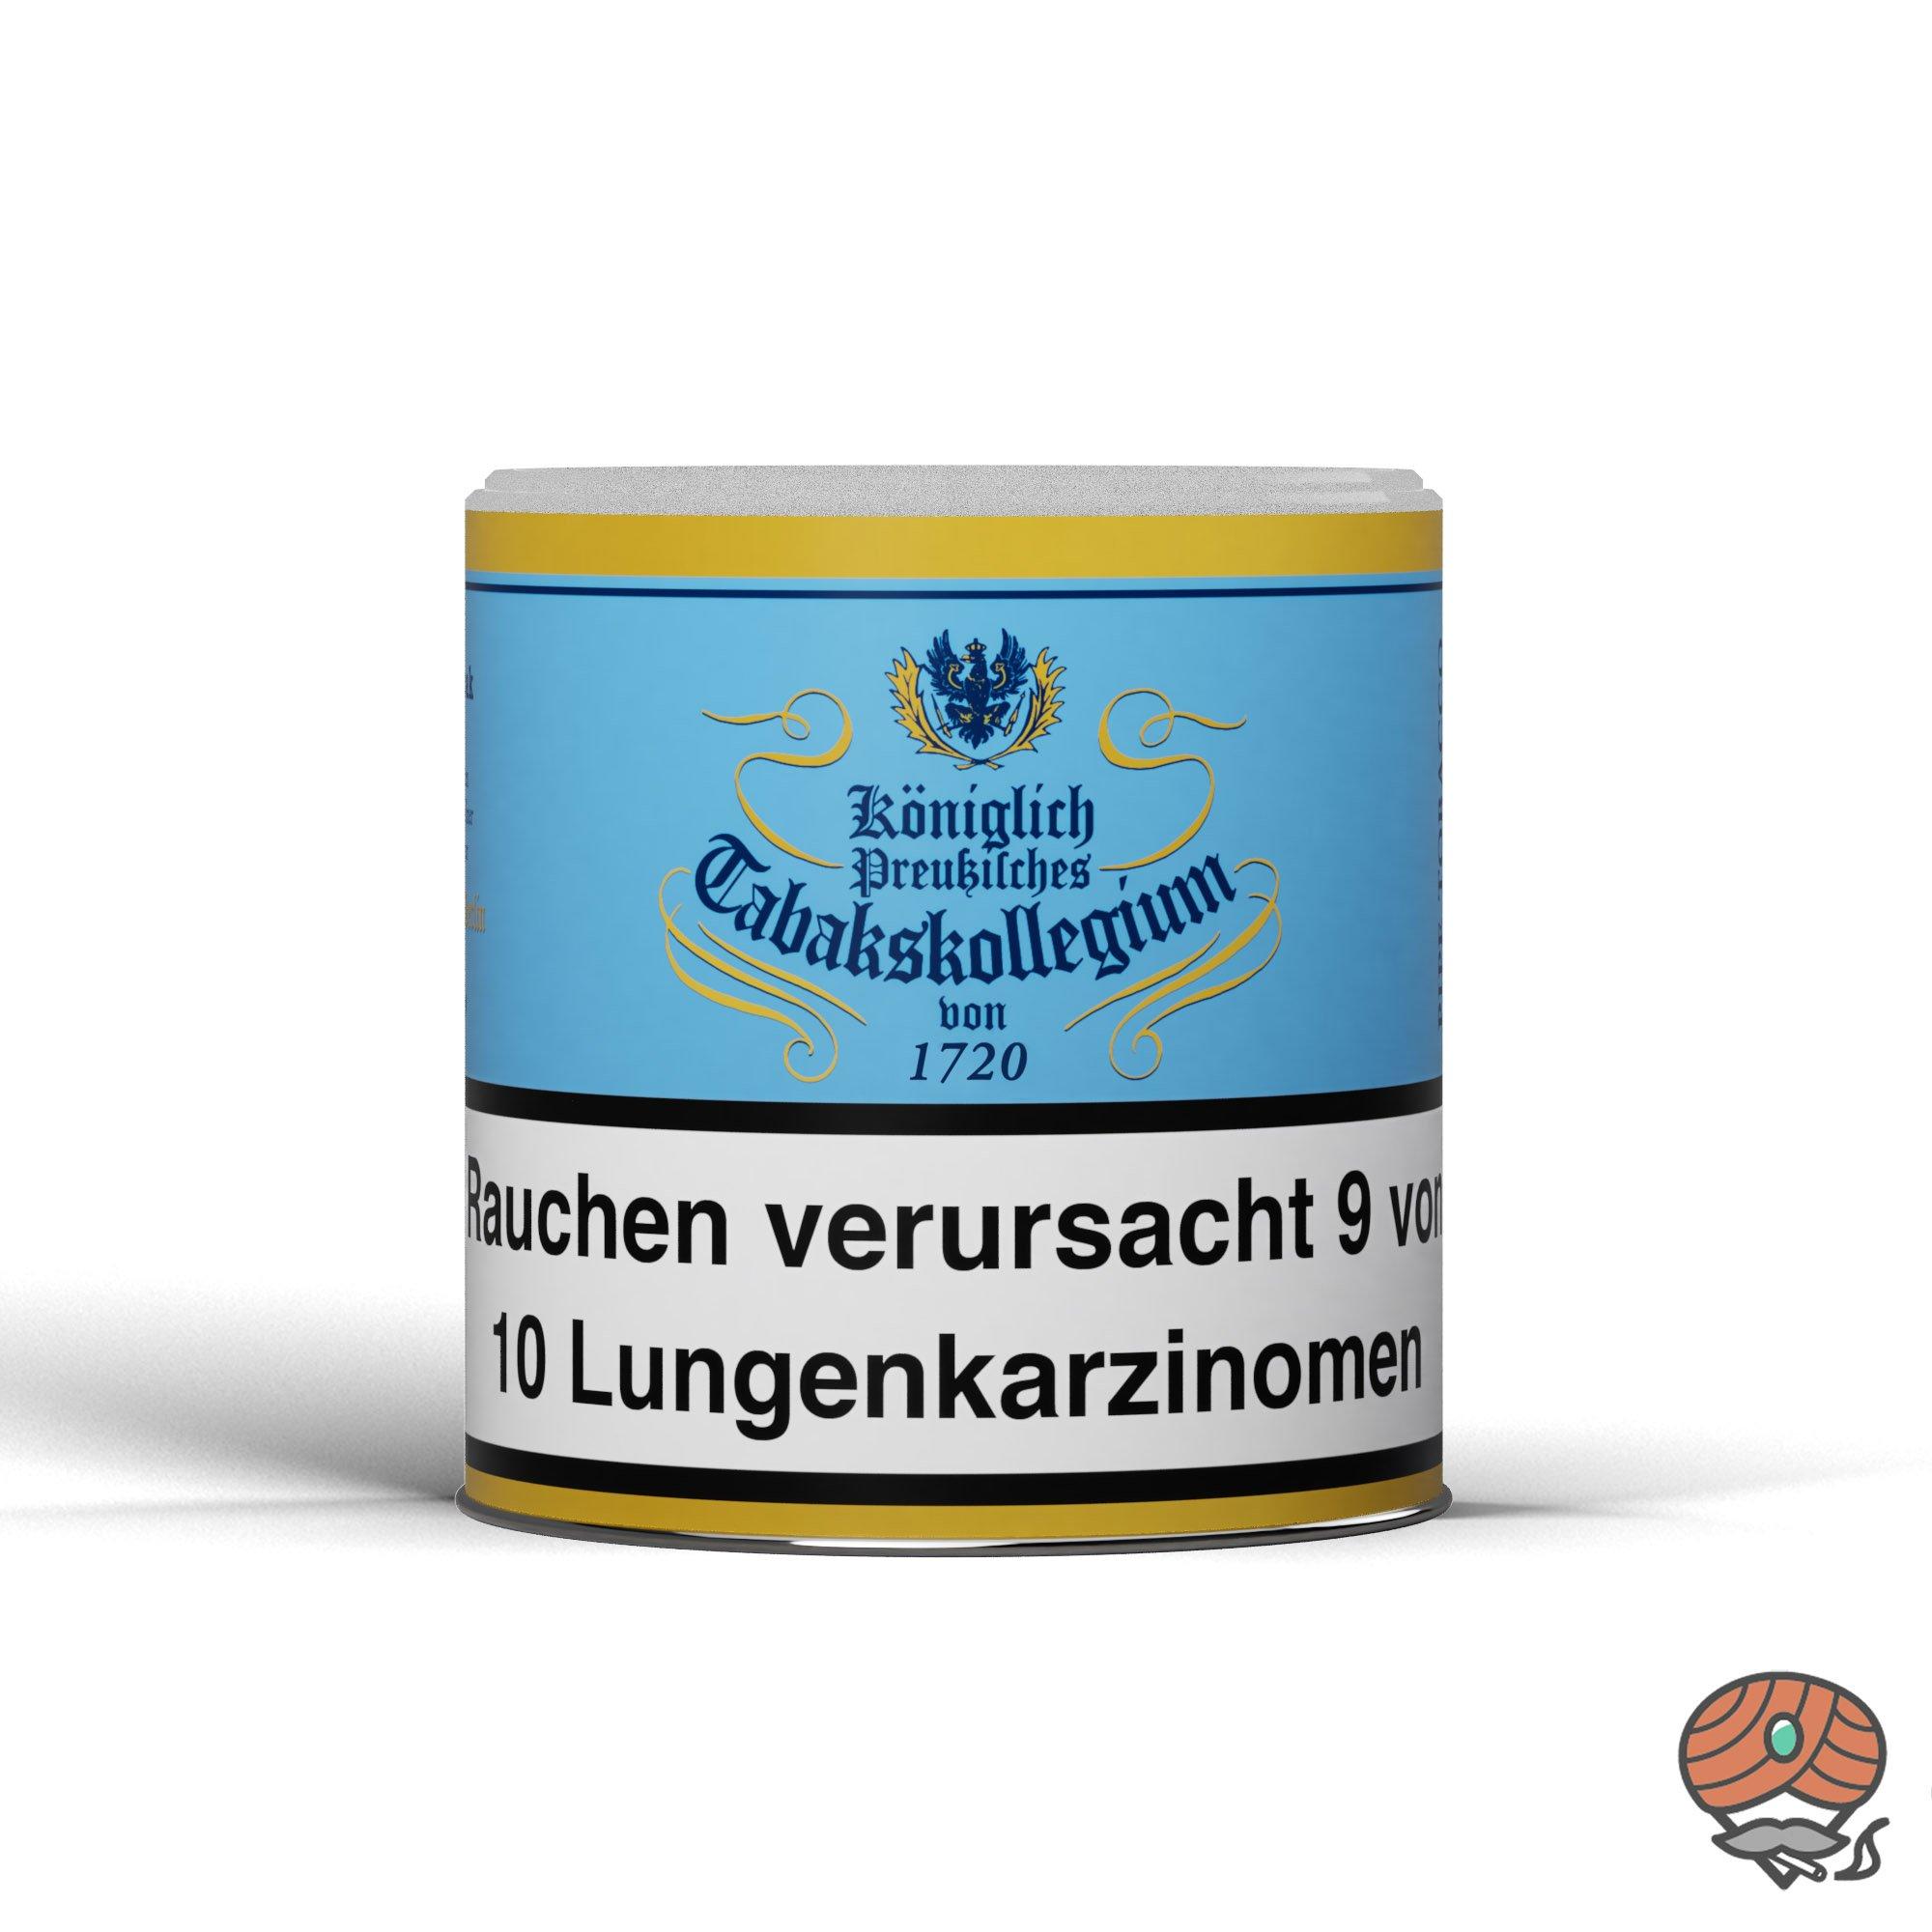 Königlich Preußisches Tabakskollegium (KPT) Blau 1720 Pfeifentabak 100 g